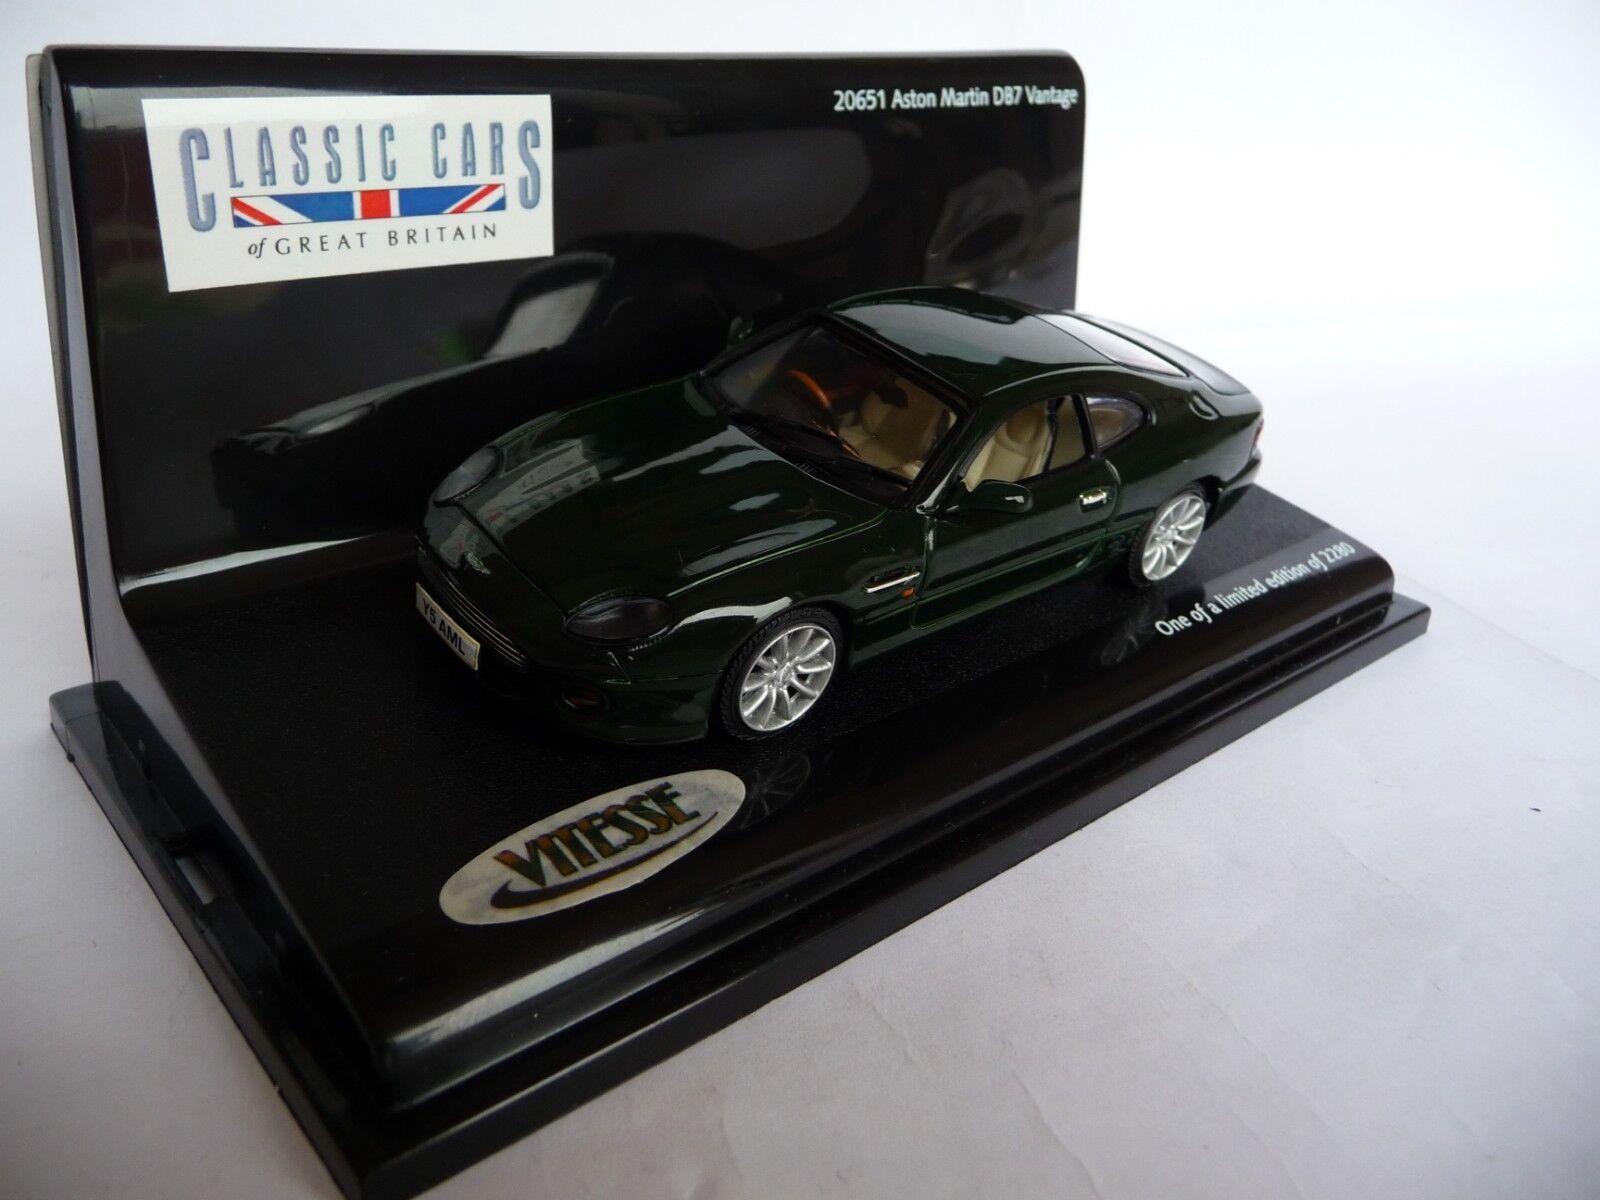 Vitesse 1 43 Aston Martin DB7 Vantage British Racing vert VIT20651